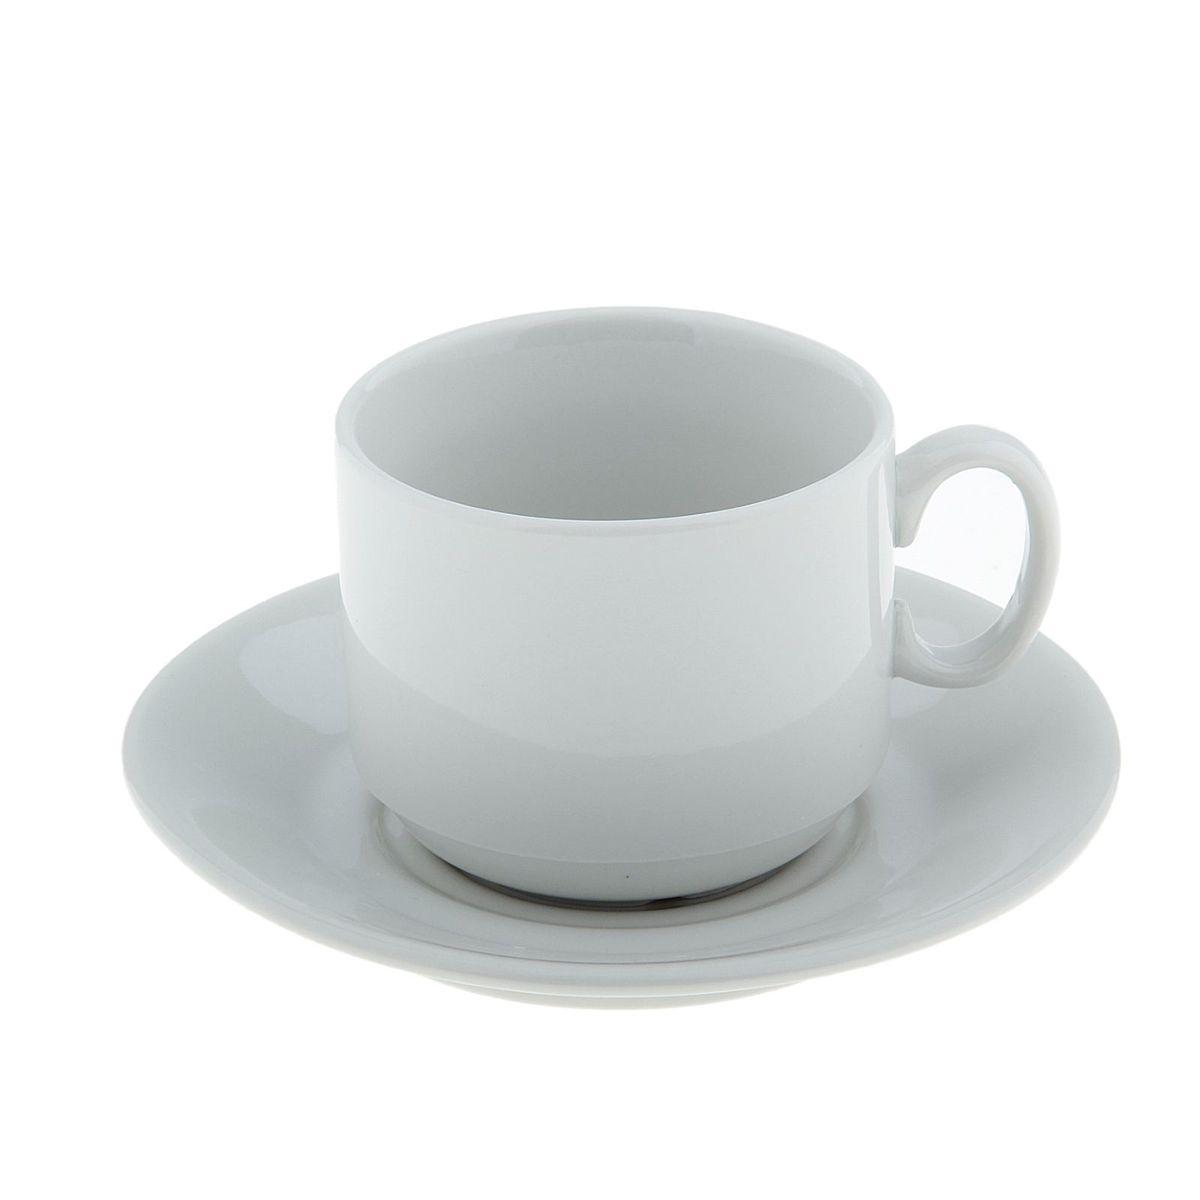 Чайная пара Экспресс. Белье, 2 предмета115510Чайная пара 220 мл, ф. 287, Экспресс белье чашка+ блюдце